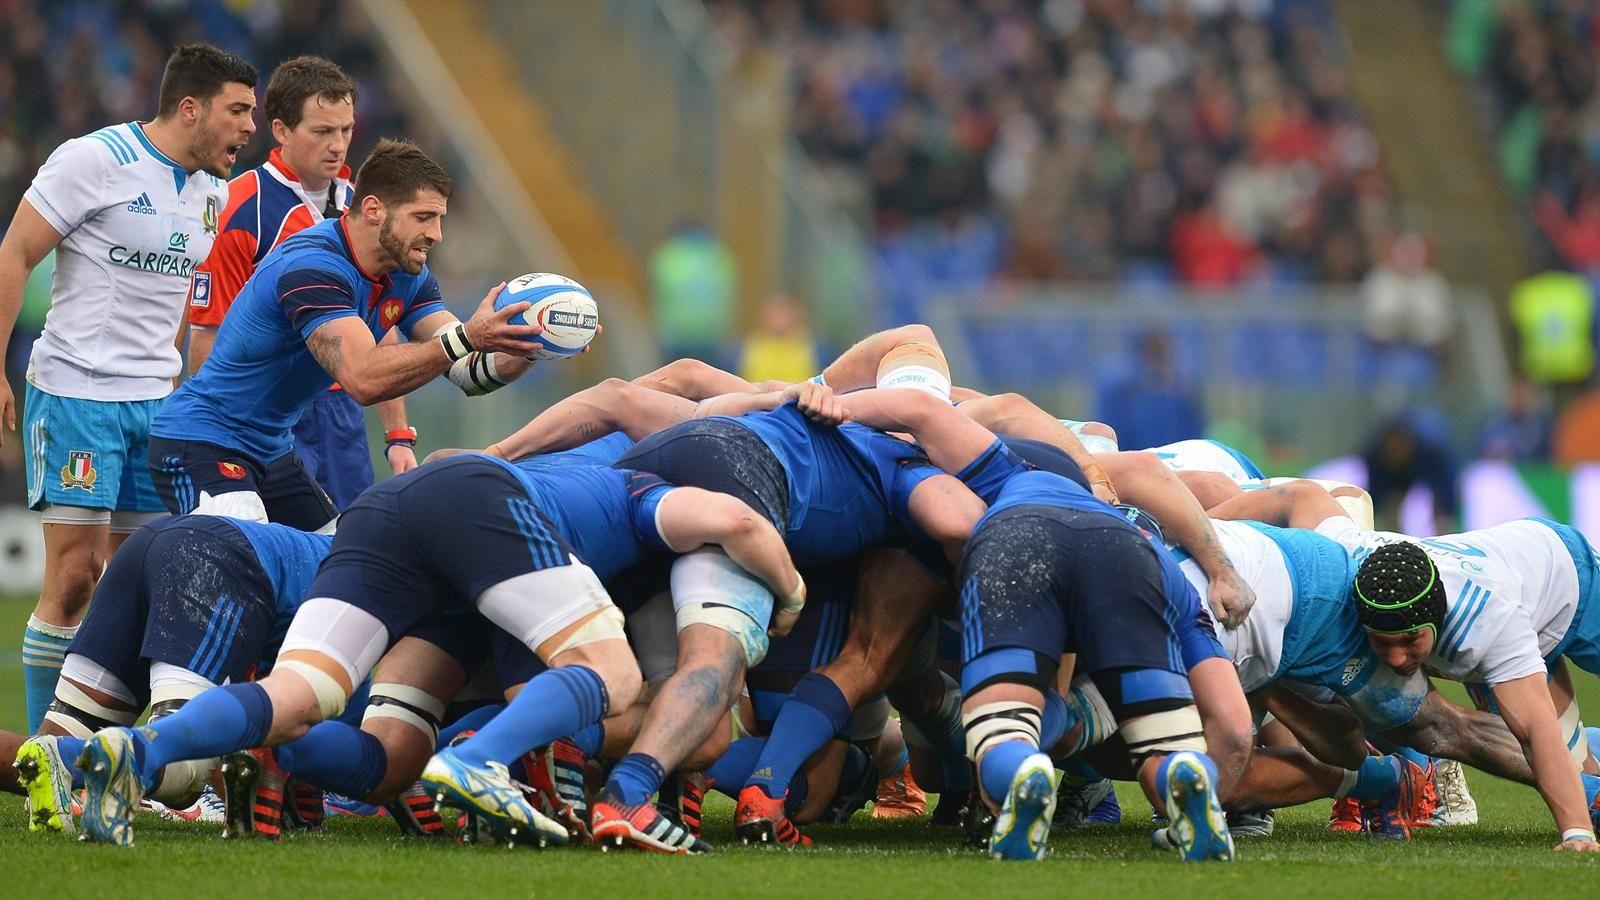 Épinglé sur Rugby Scrums